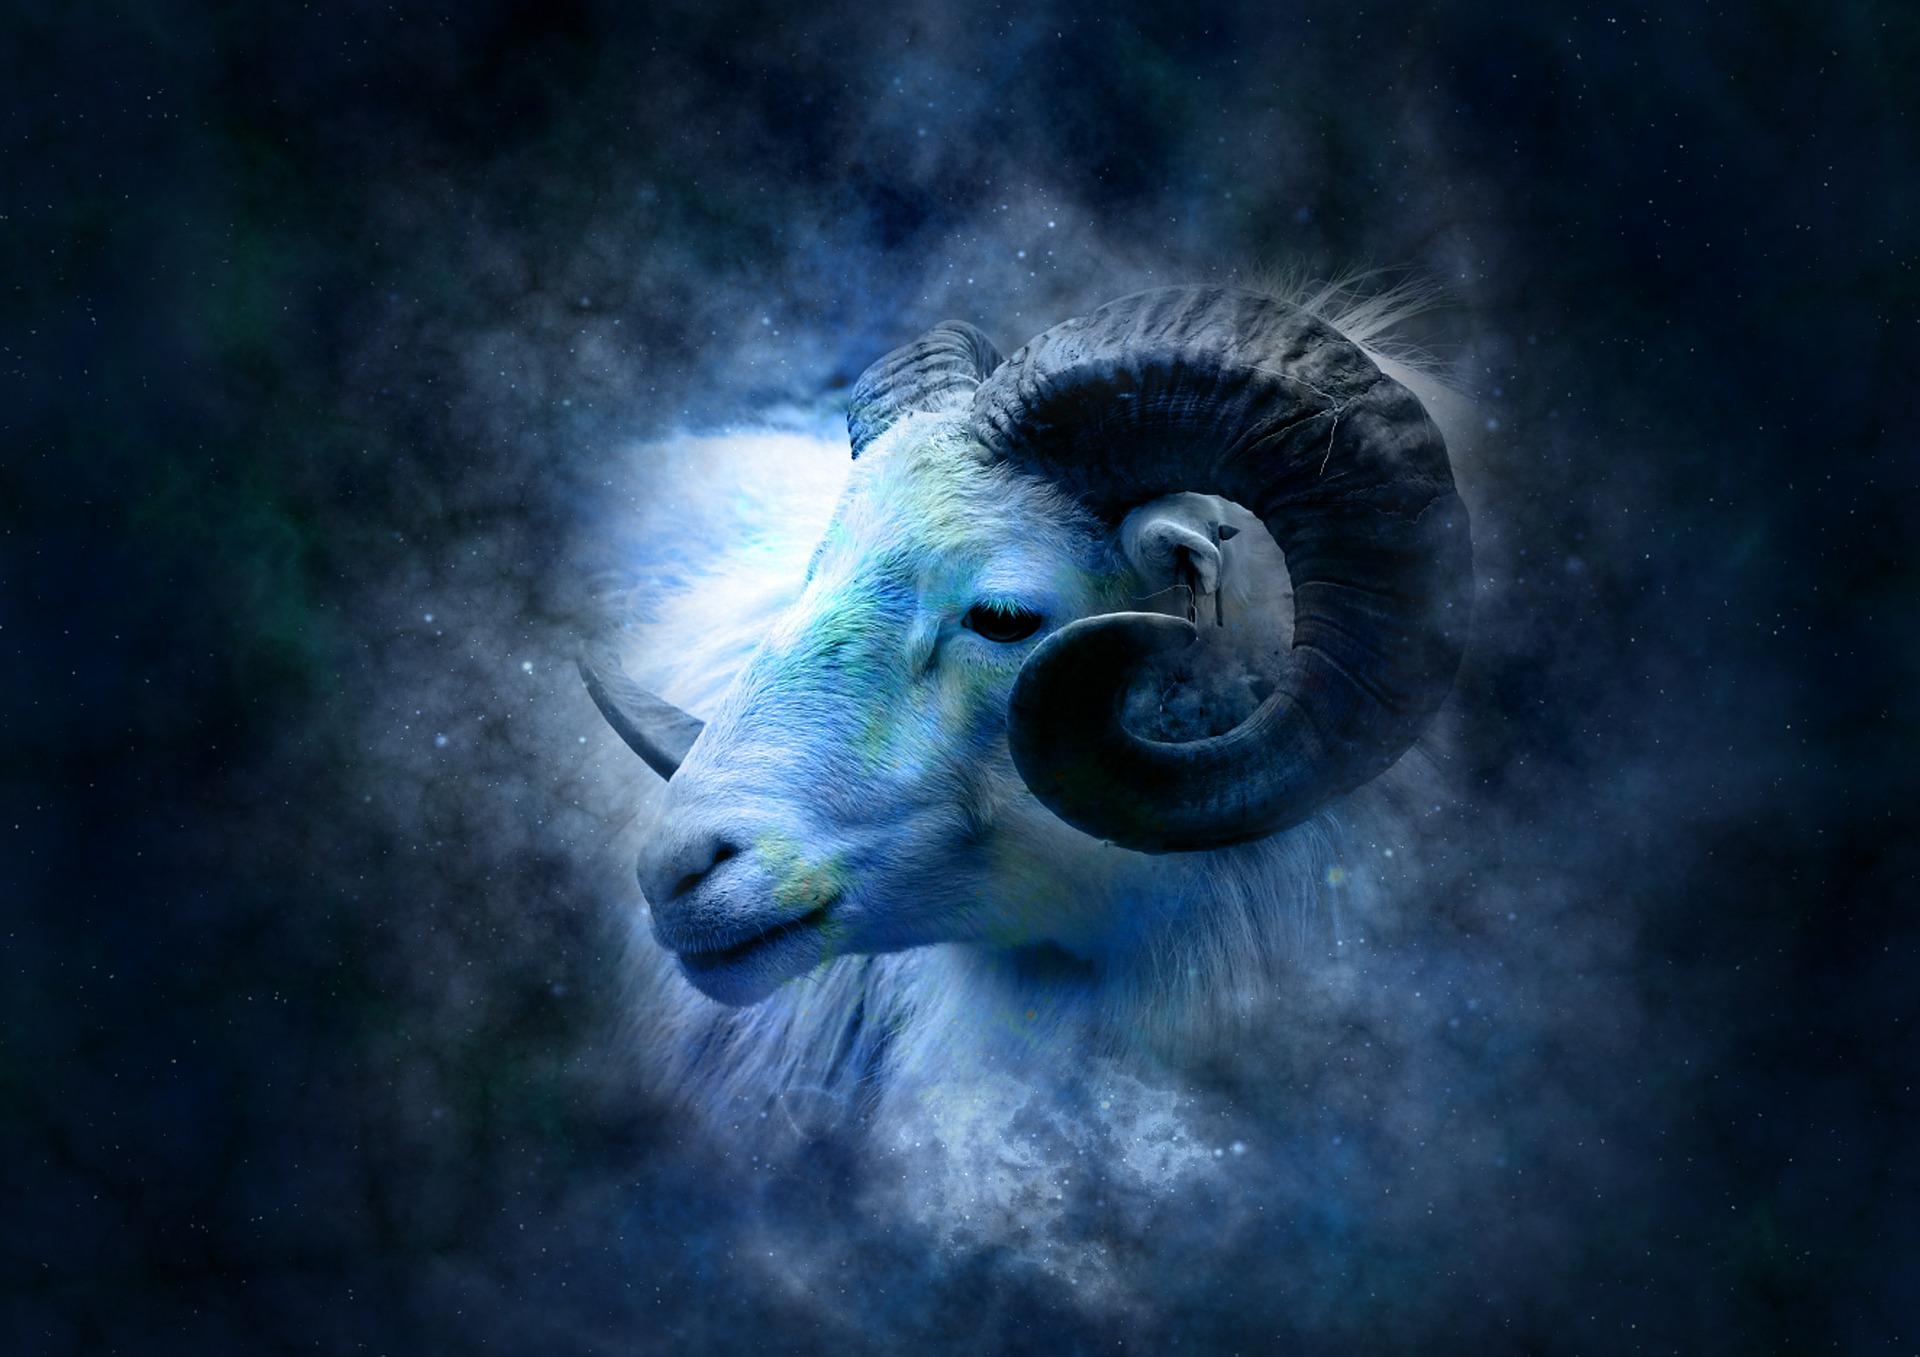 Bem-vindo signo Carneiro! Bem-vinda Primavera! Bem-vindo novo ciclo Astrológico!